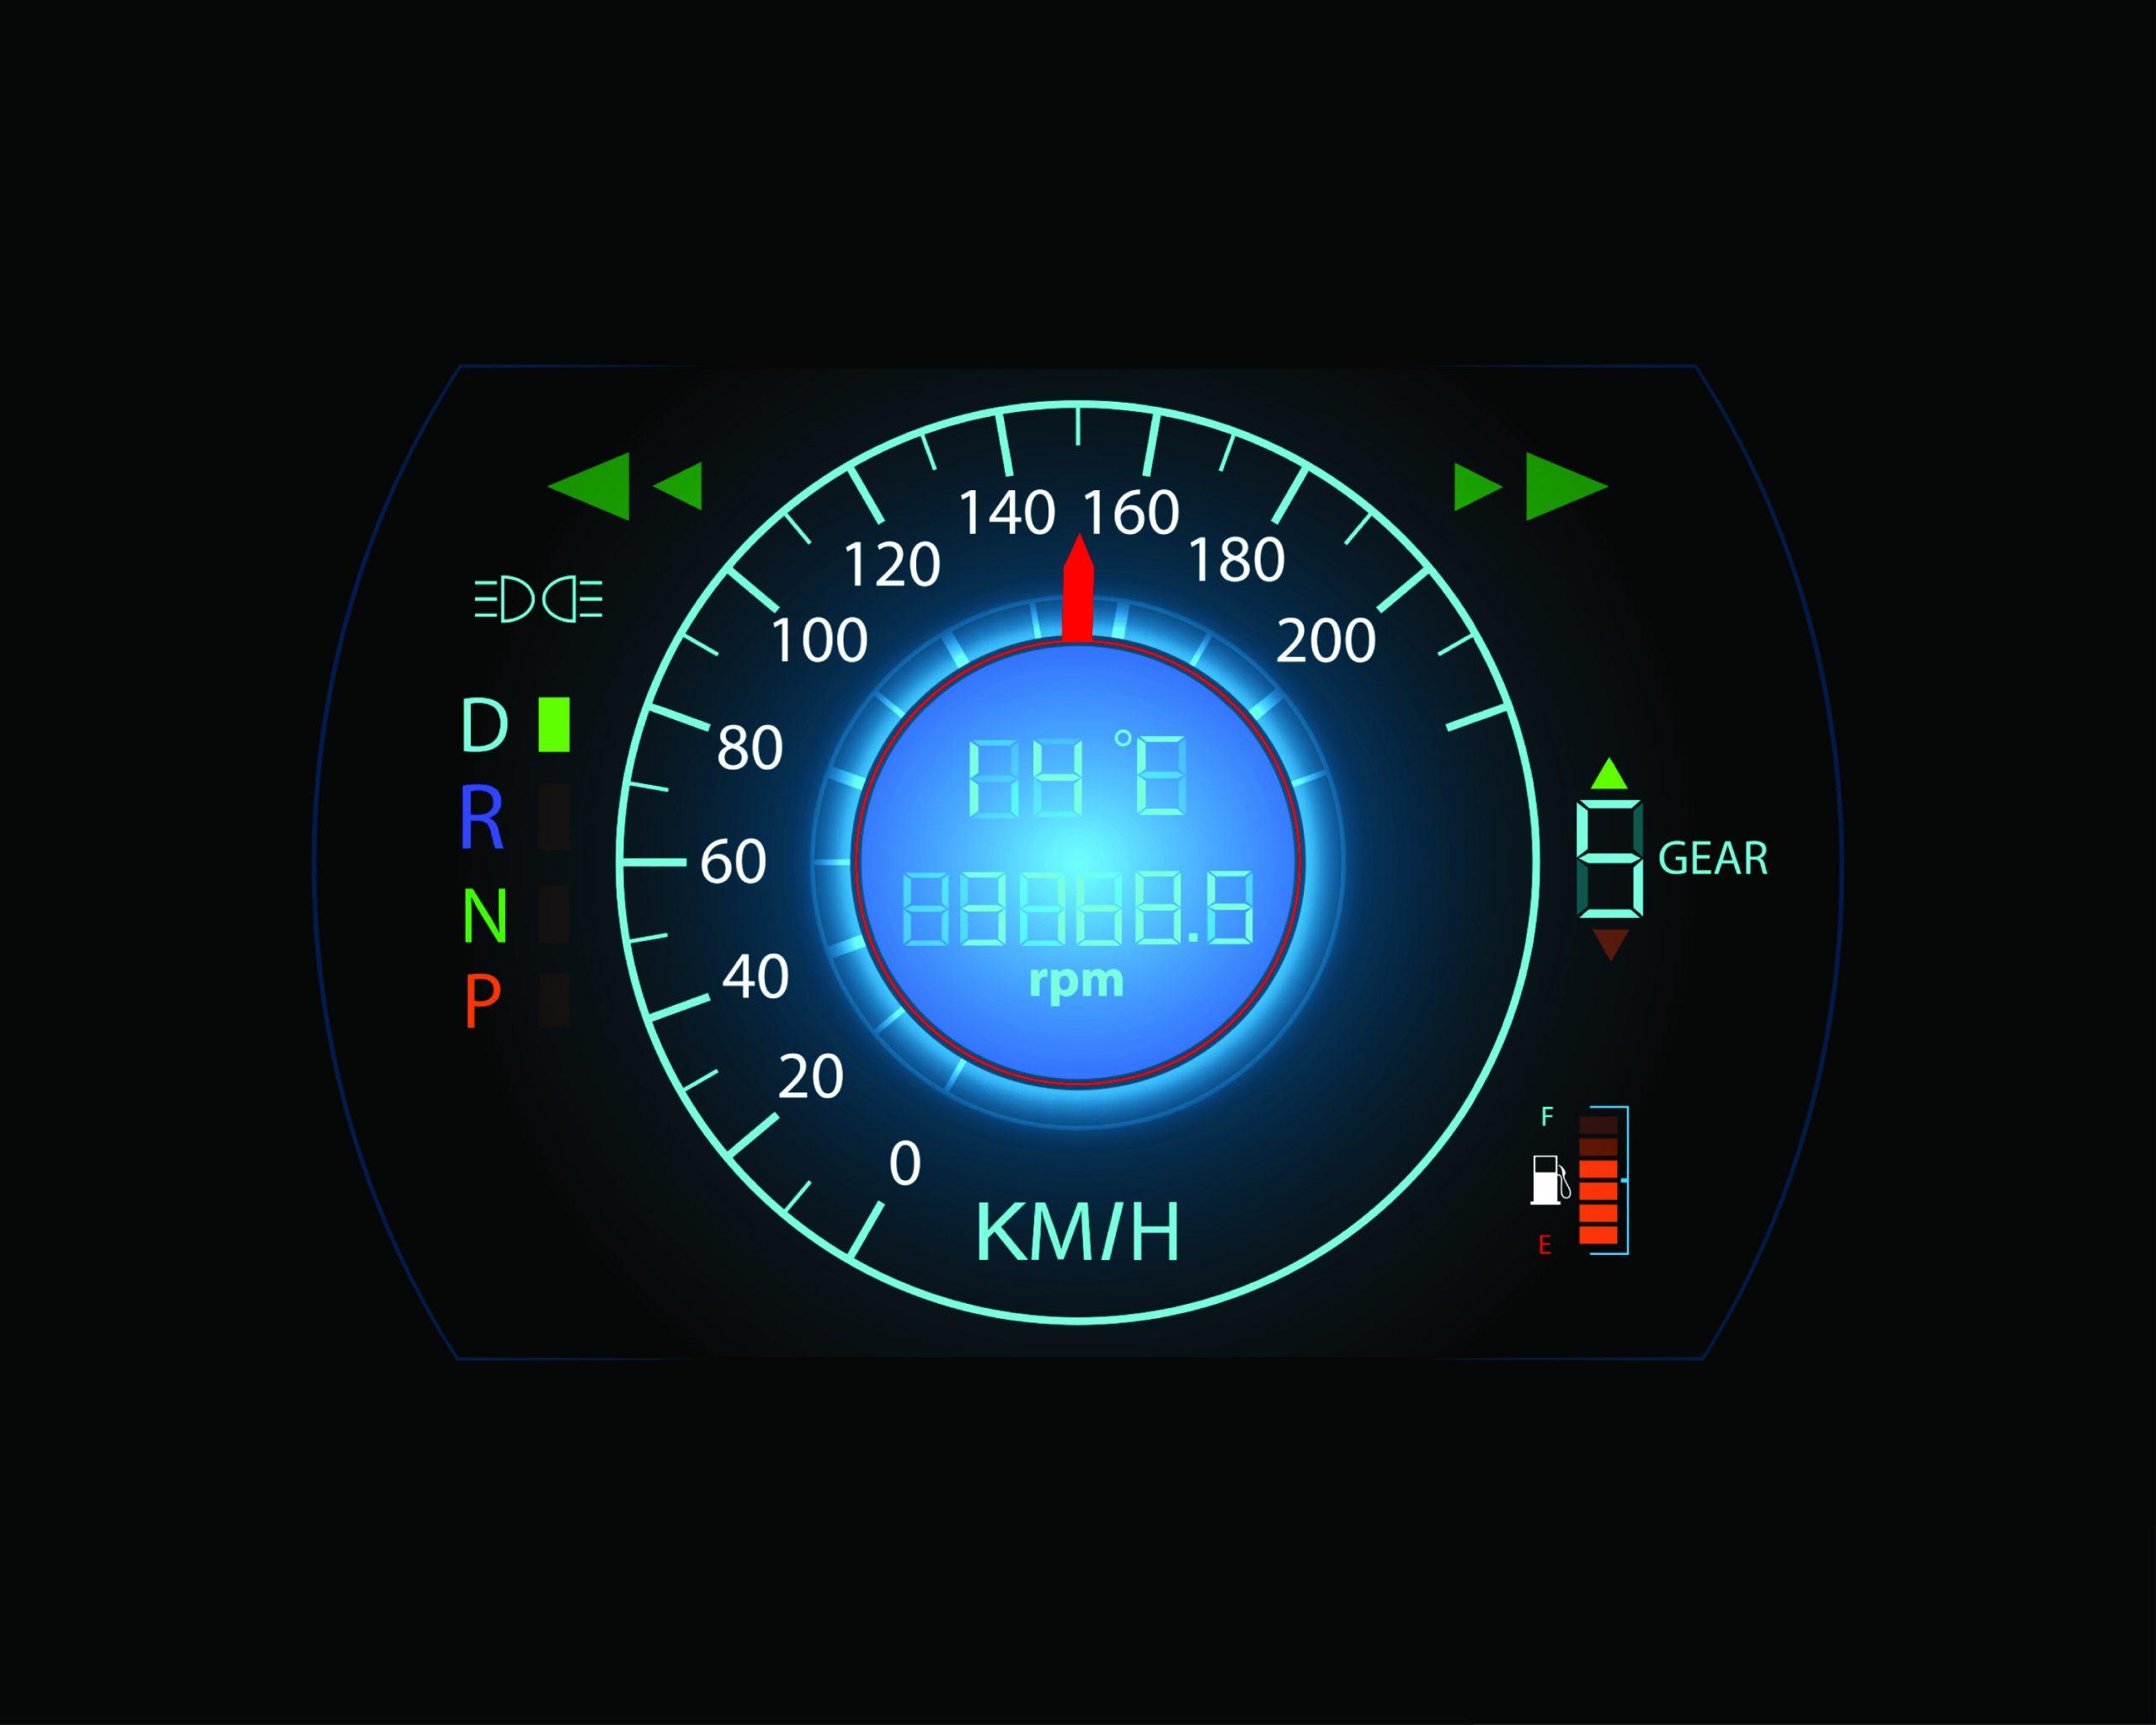 brzinomer, ubrzanje